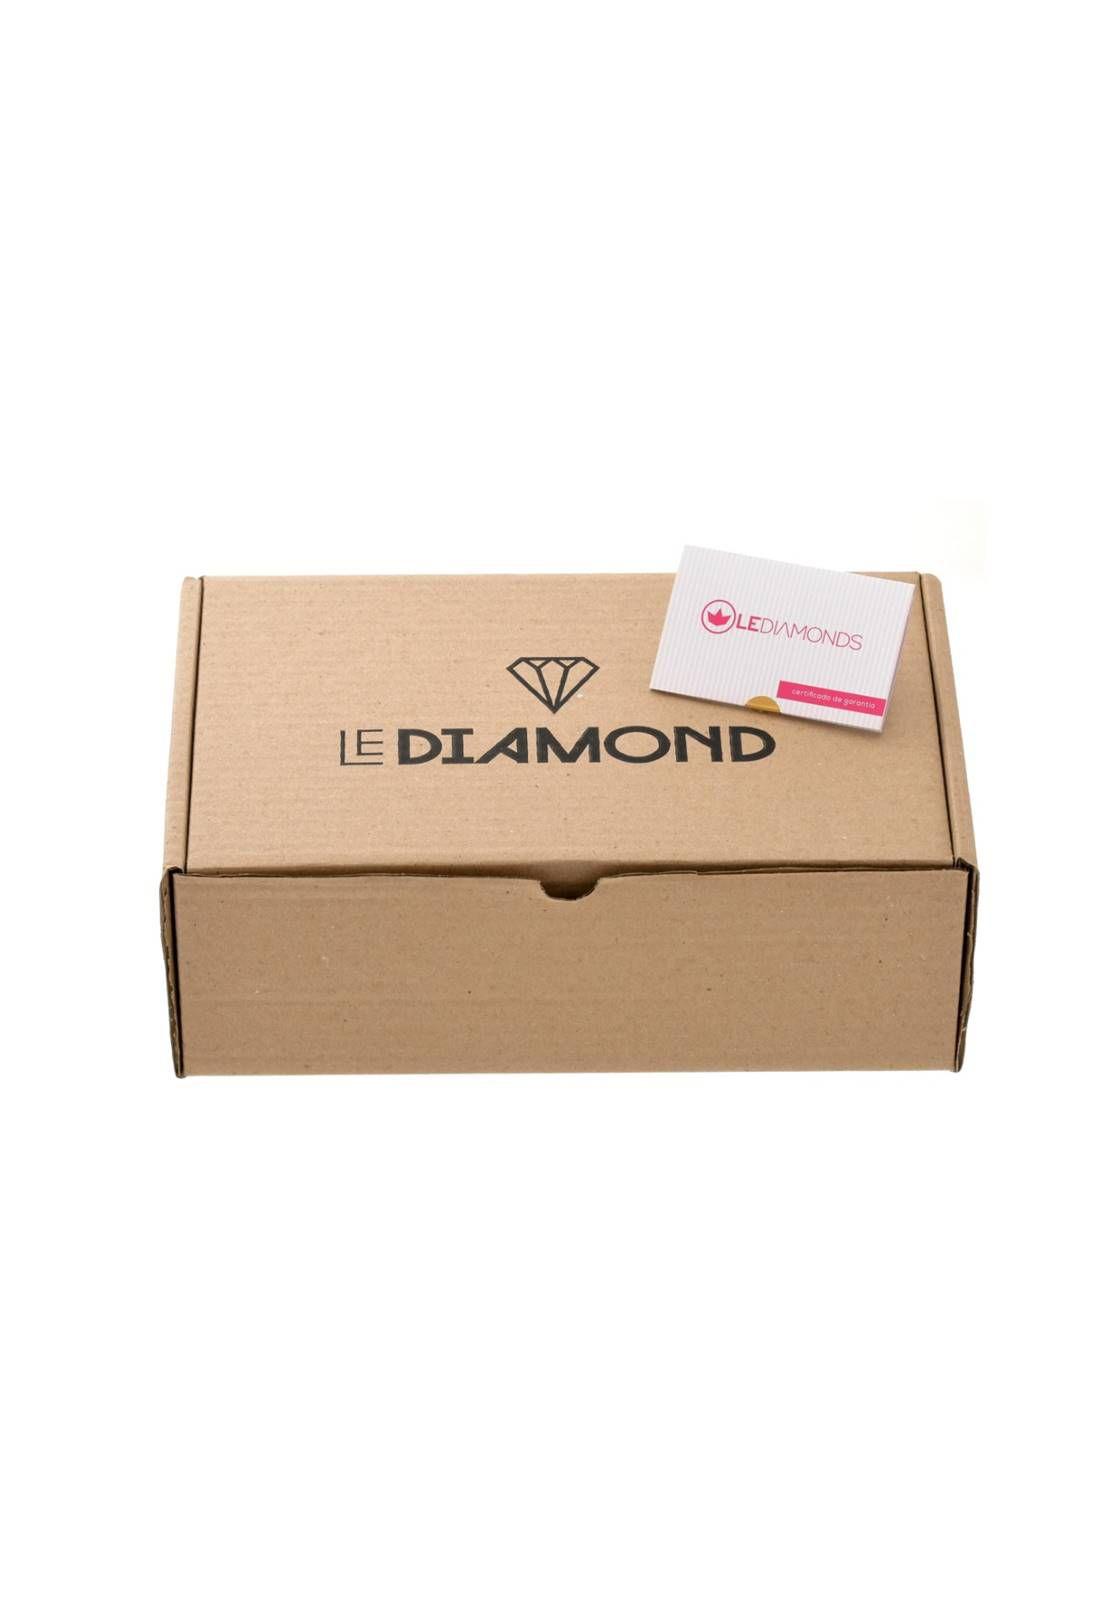 Brinco Le Diamond Acrílico e miçangas P&B